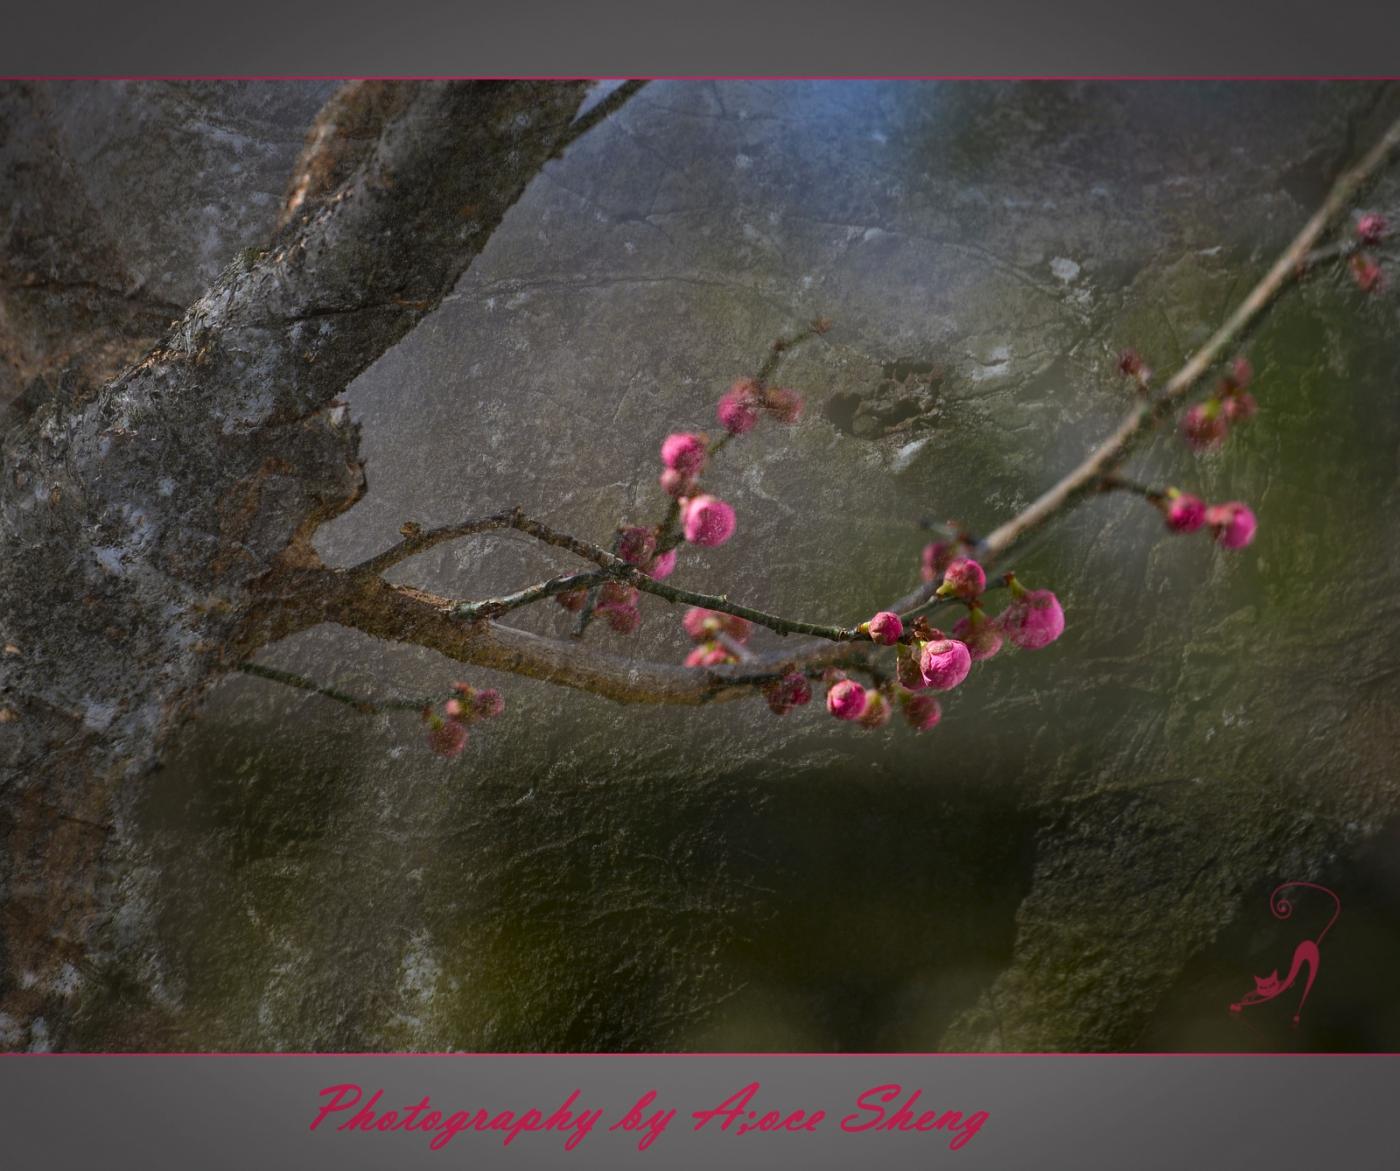 迎春花以盛开,春天快来临了_图1-4